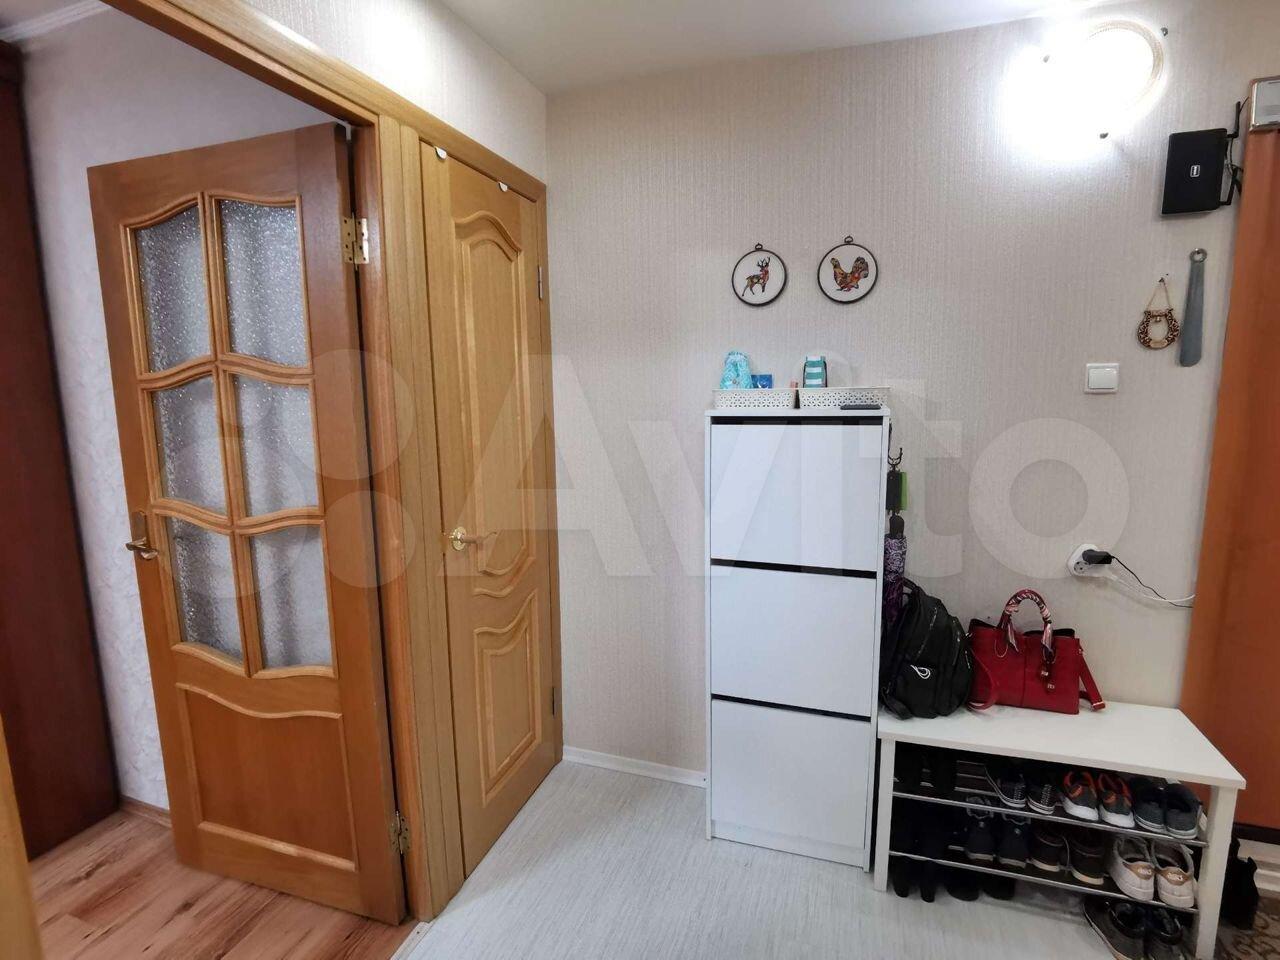 2-к квартира, 51.1 м², 7/9 эт.  89630210533 купить 2